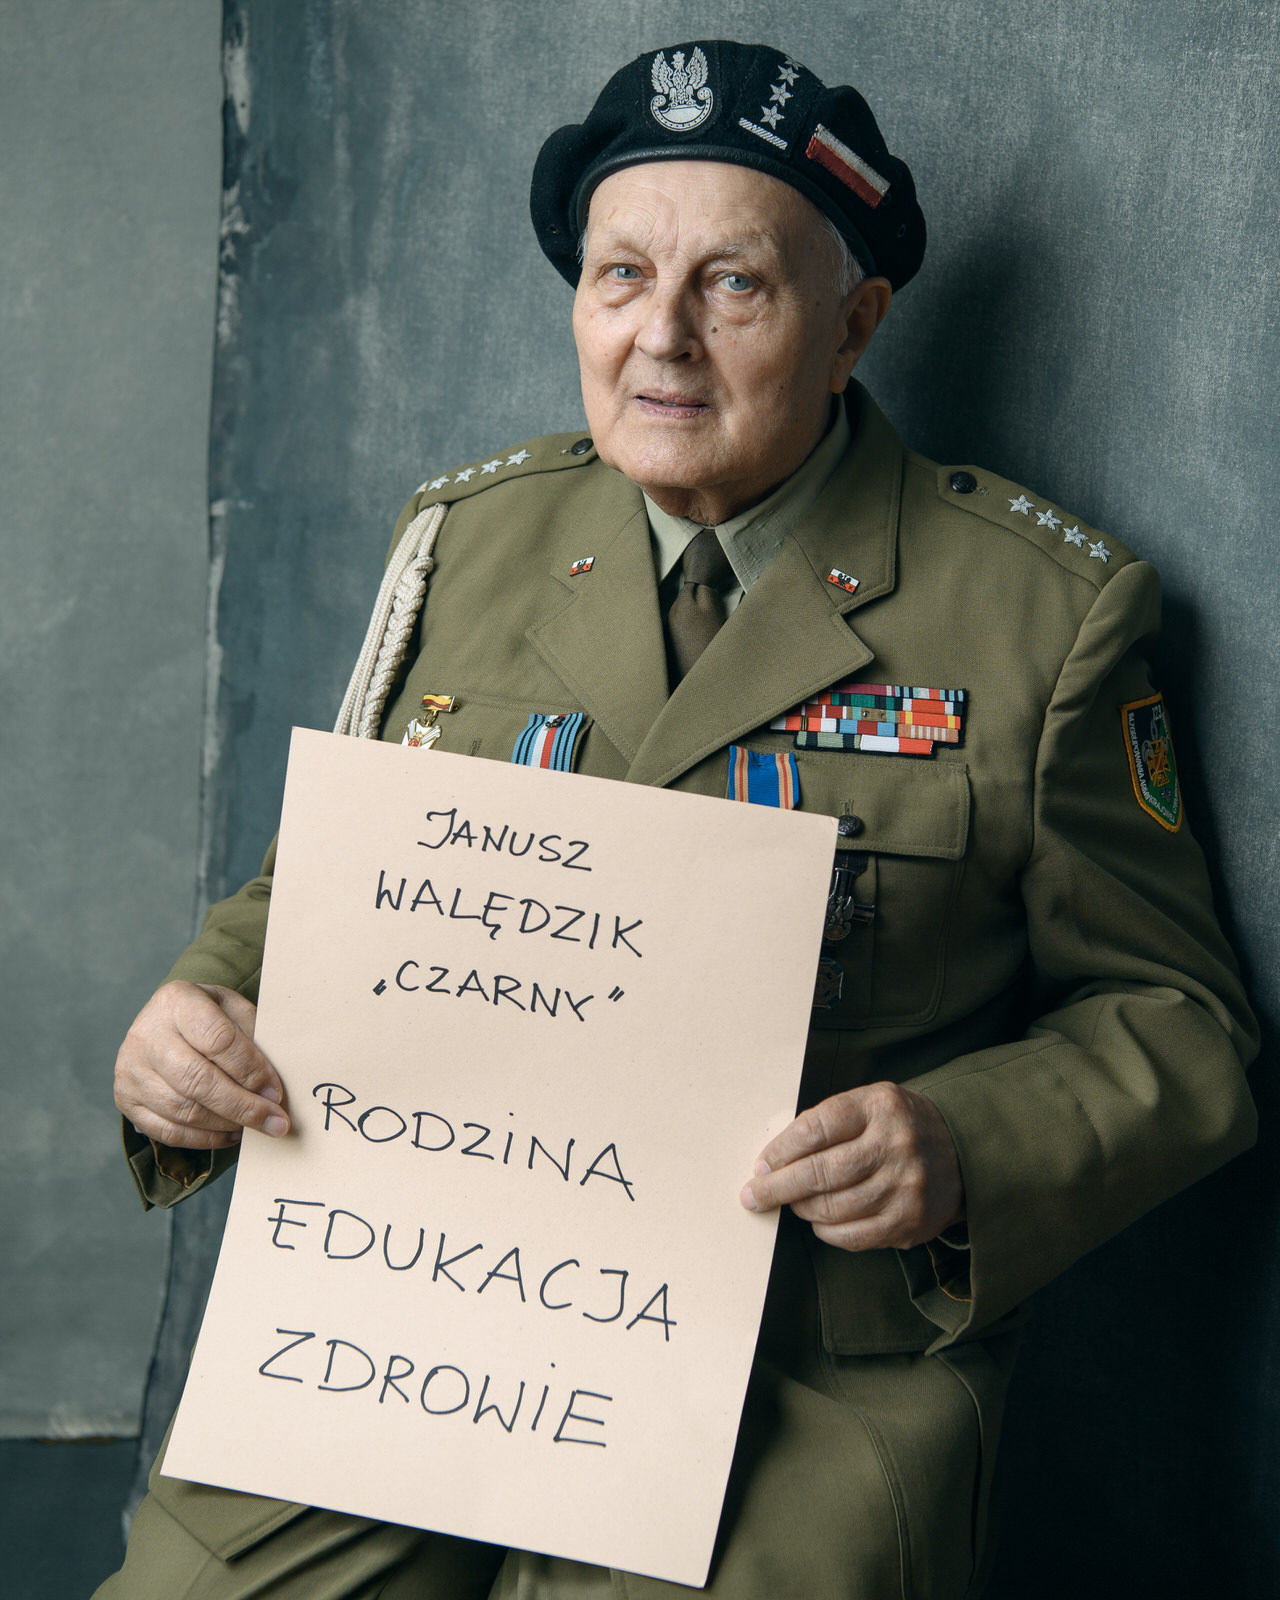 Janusz Walędzik